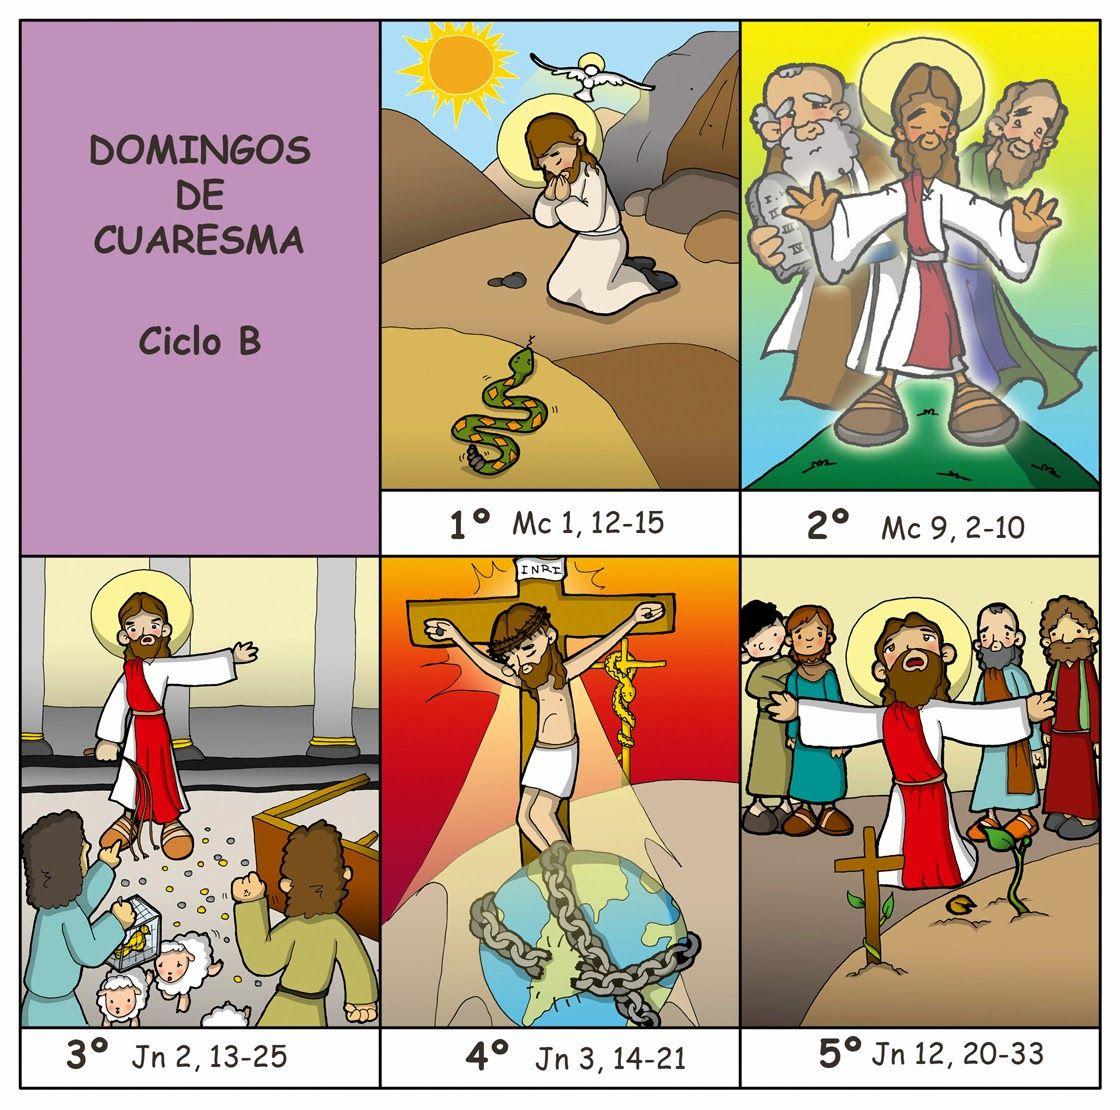 Dibujos Para Catequesis Domingos Cuaresma Ciclo B Cuaresma Catequesis Catecismo